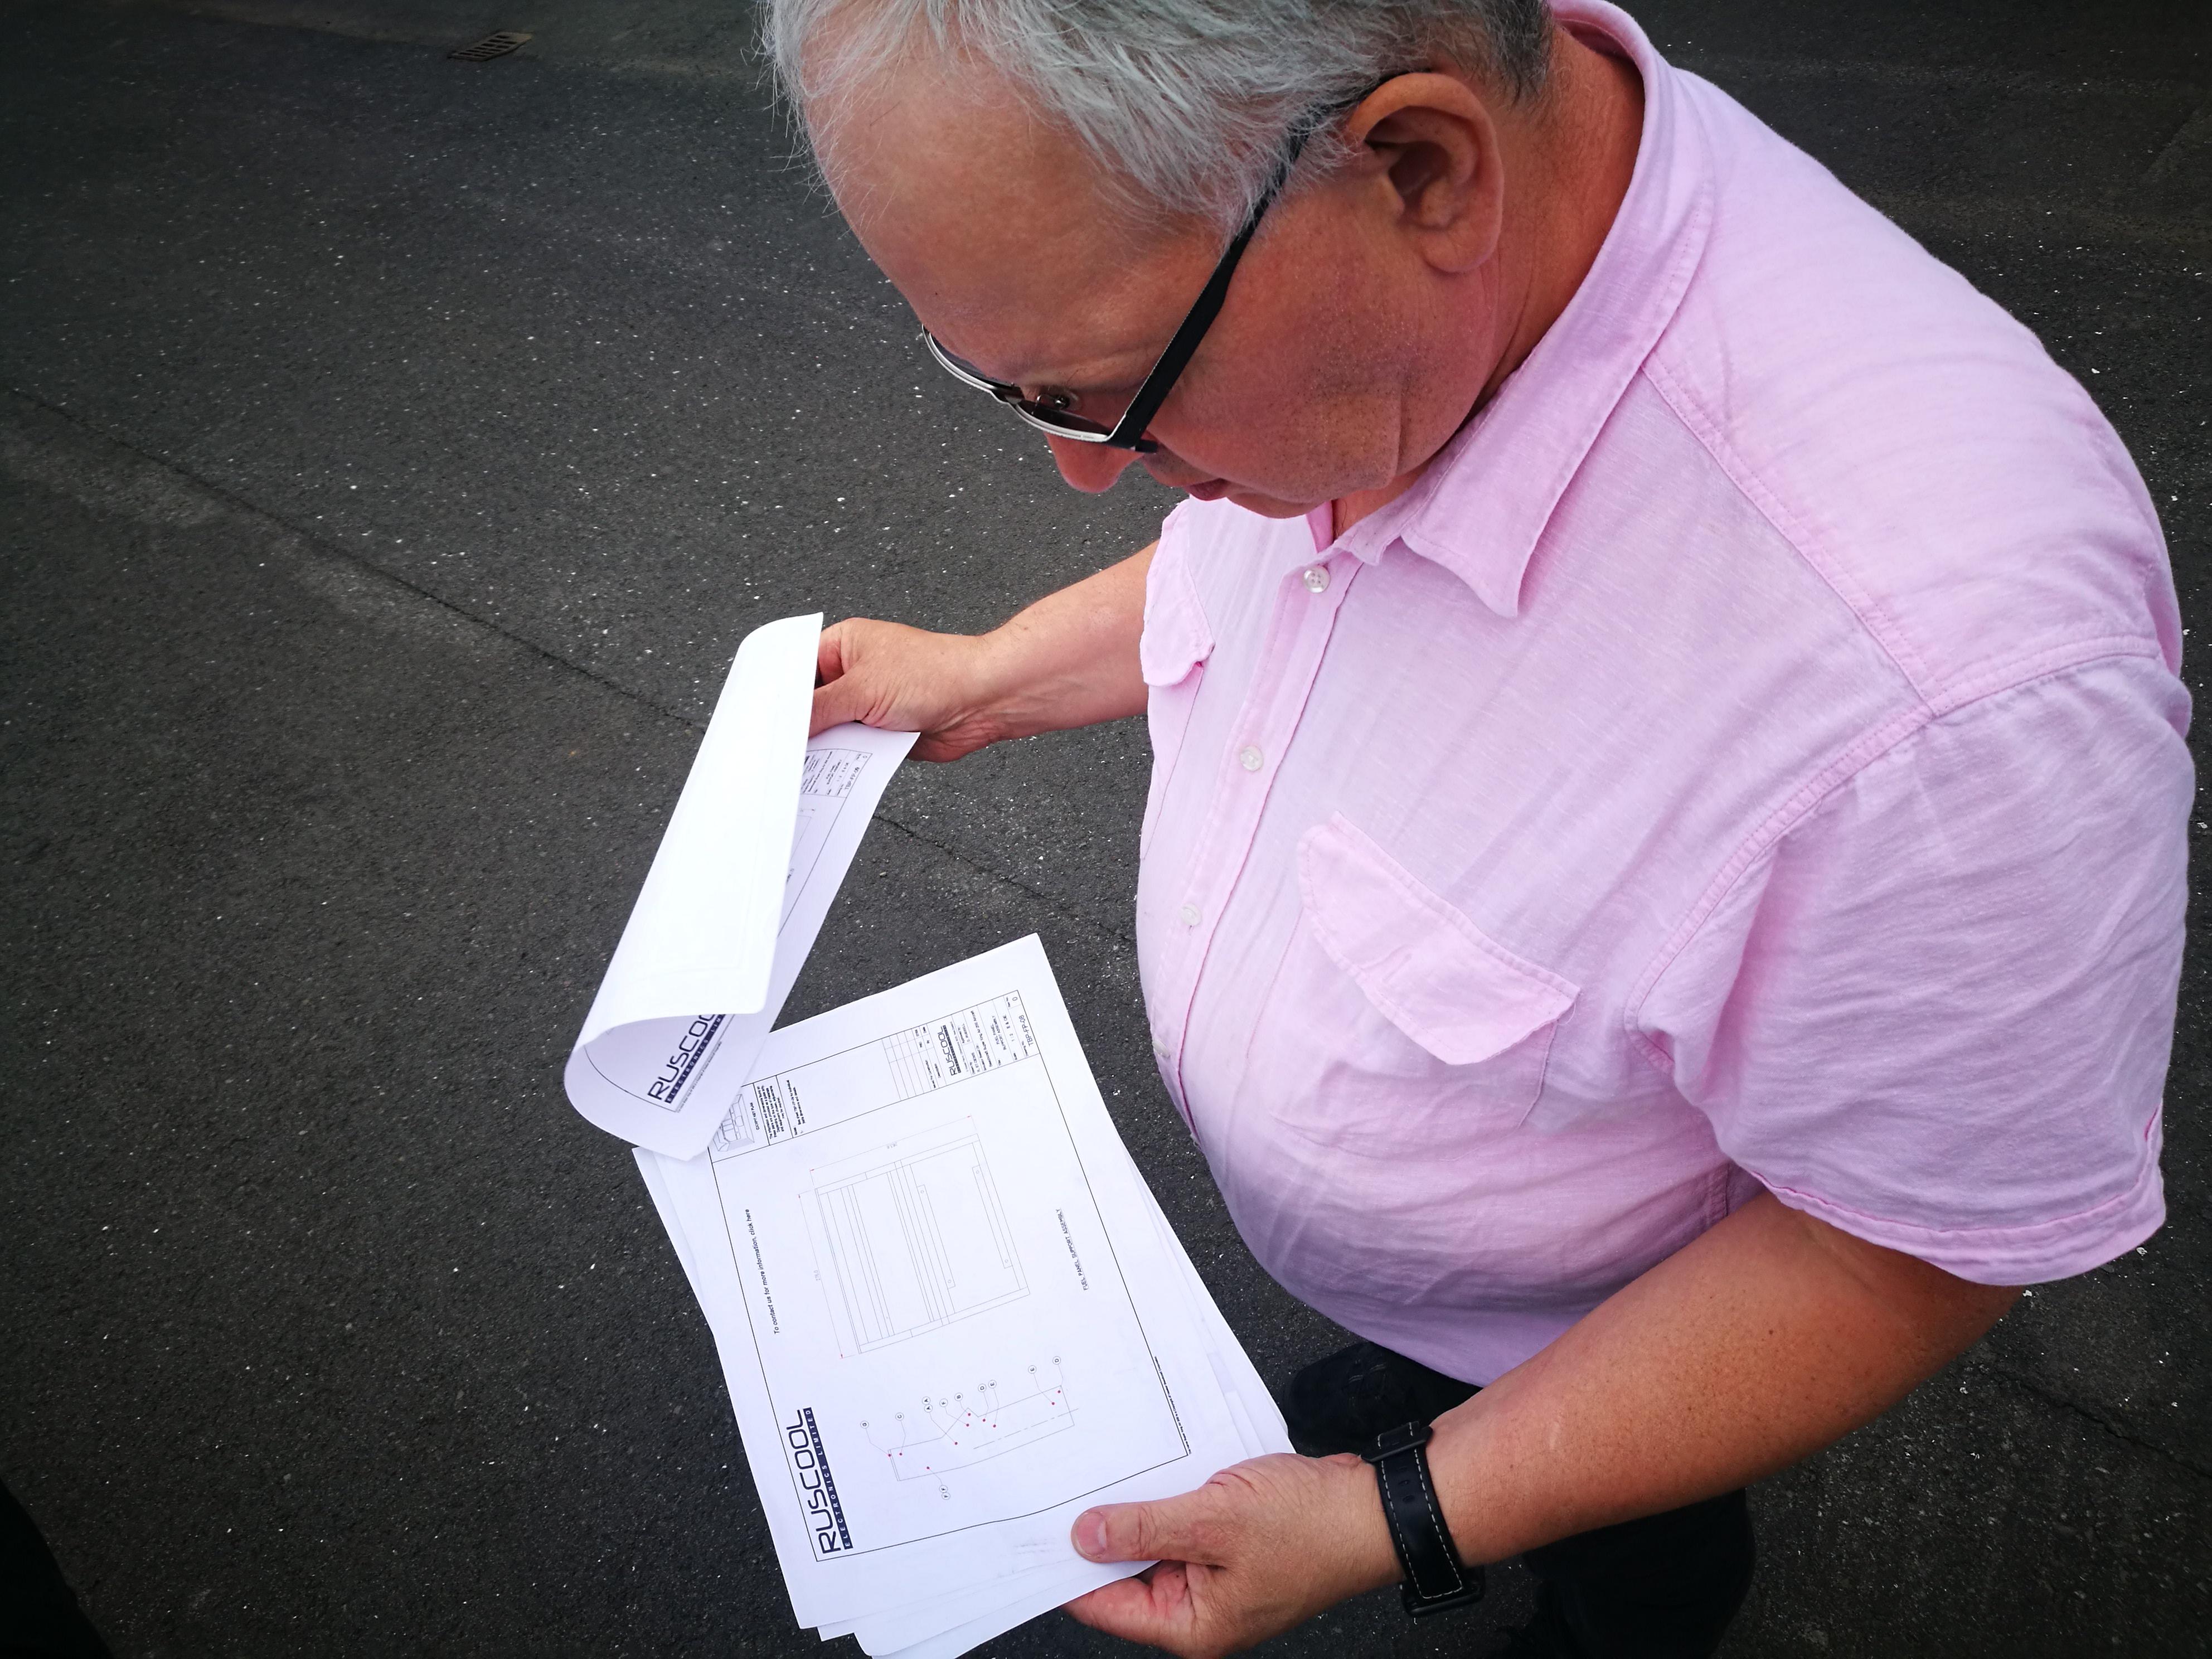 Böðvar Eggertsson checked the aircraft's schemes, sent him from New Zealand // Source: Flugblogg